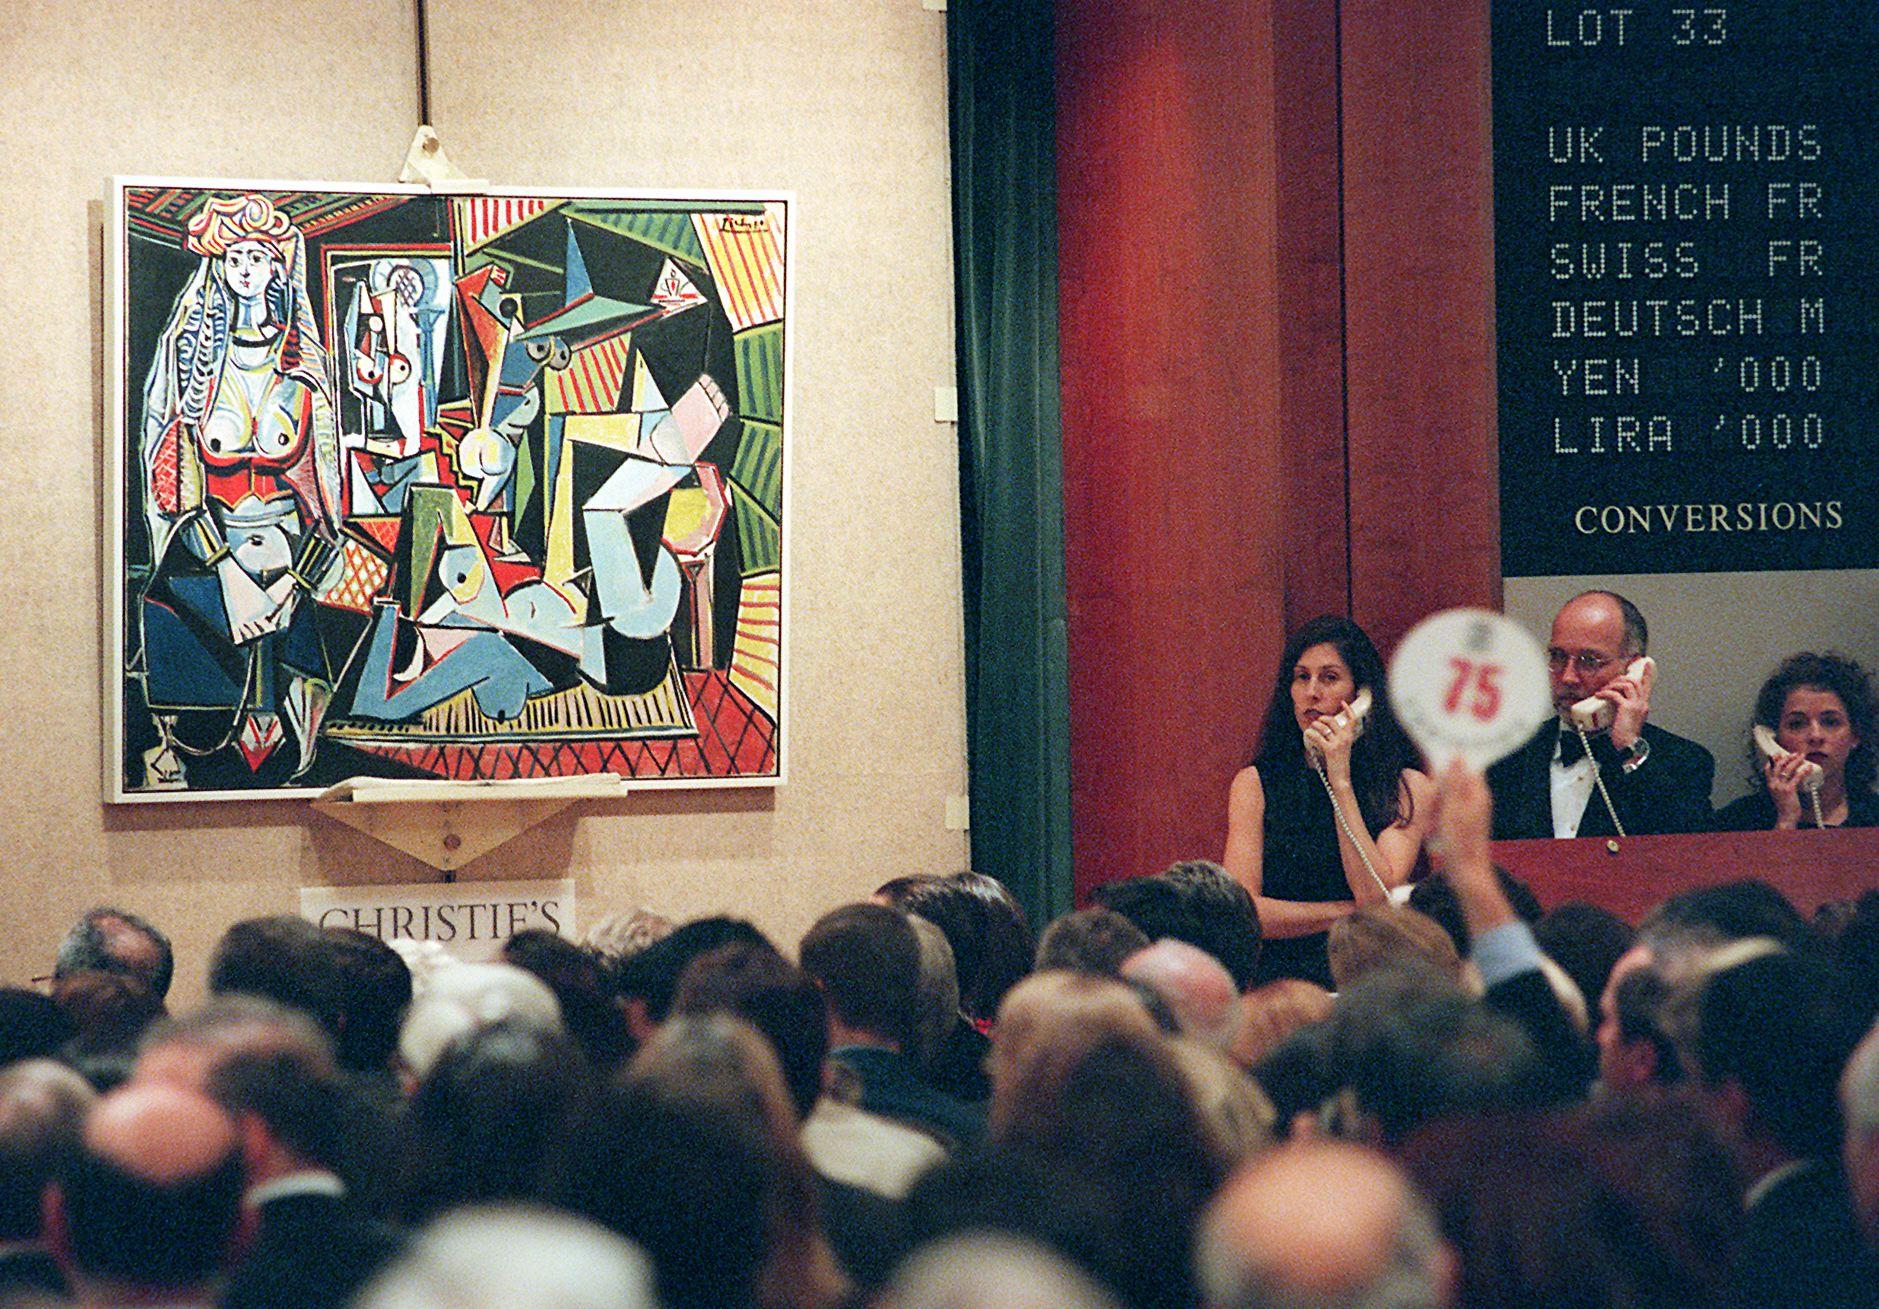 Panamá Papers revela el lado oscuro del mercado del arte